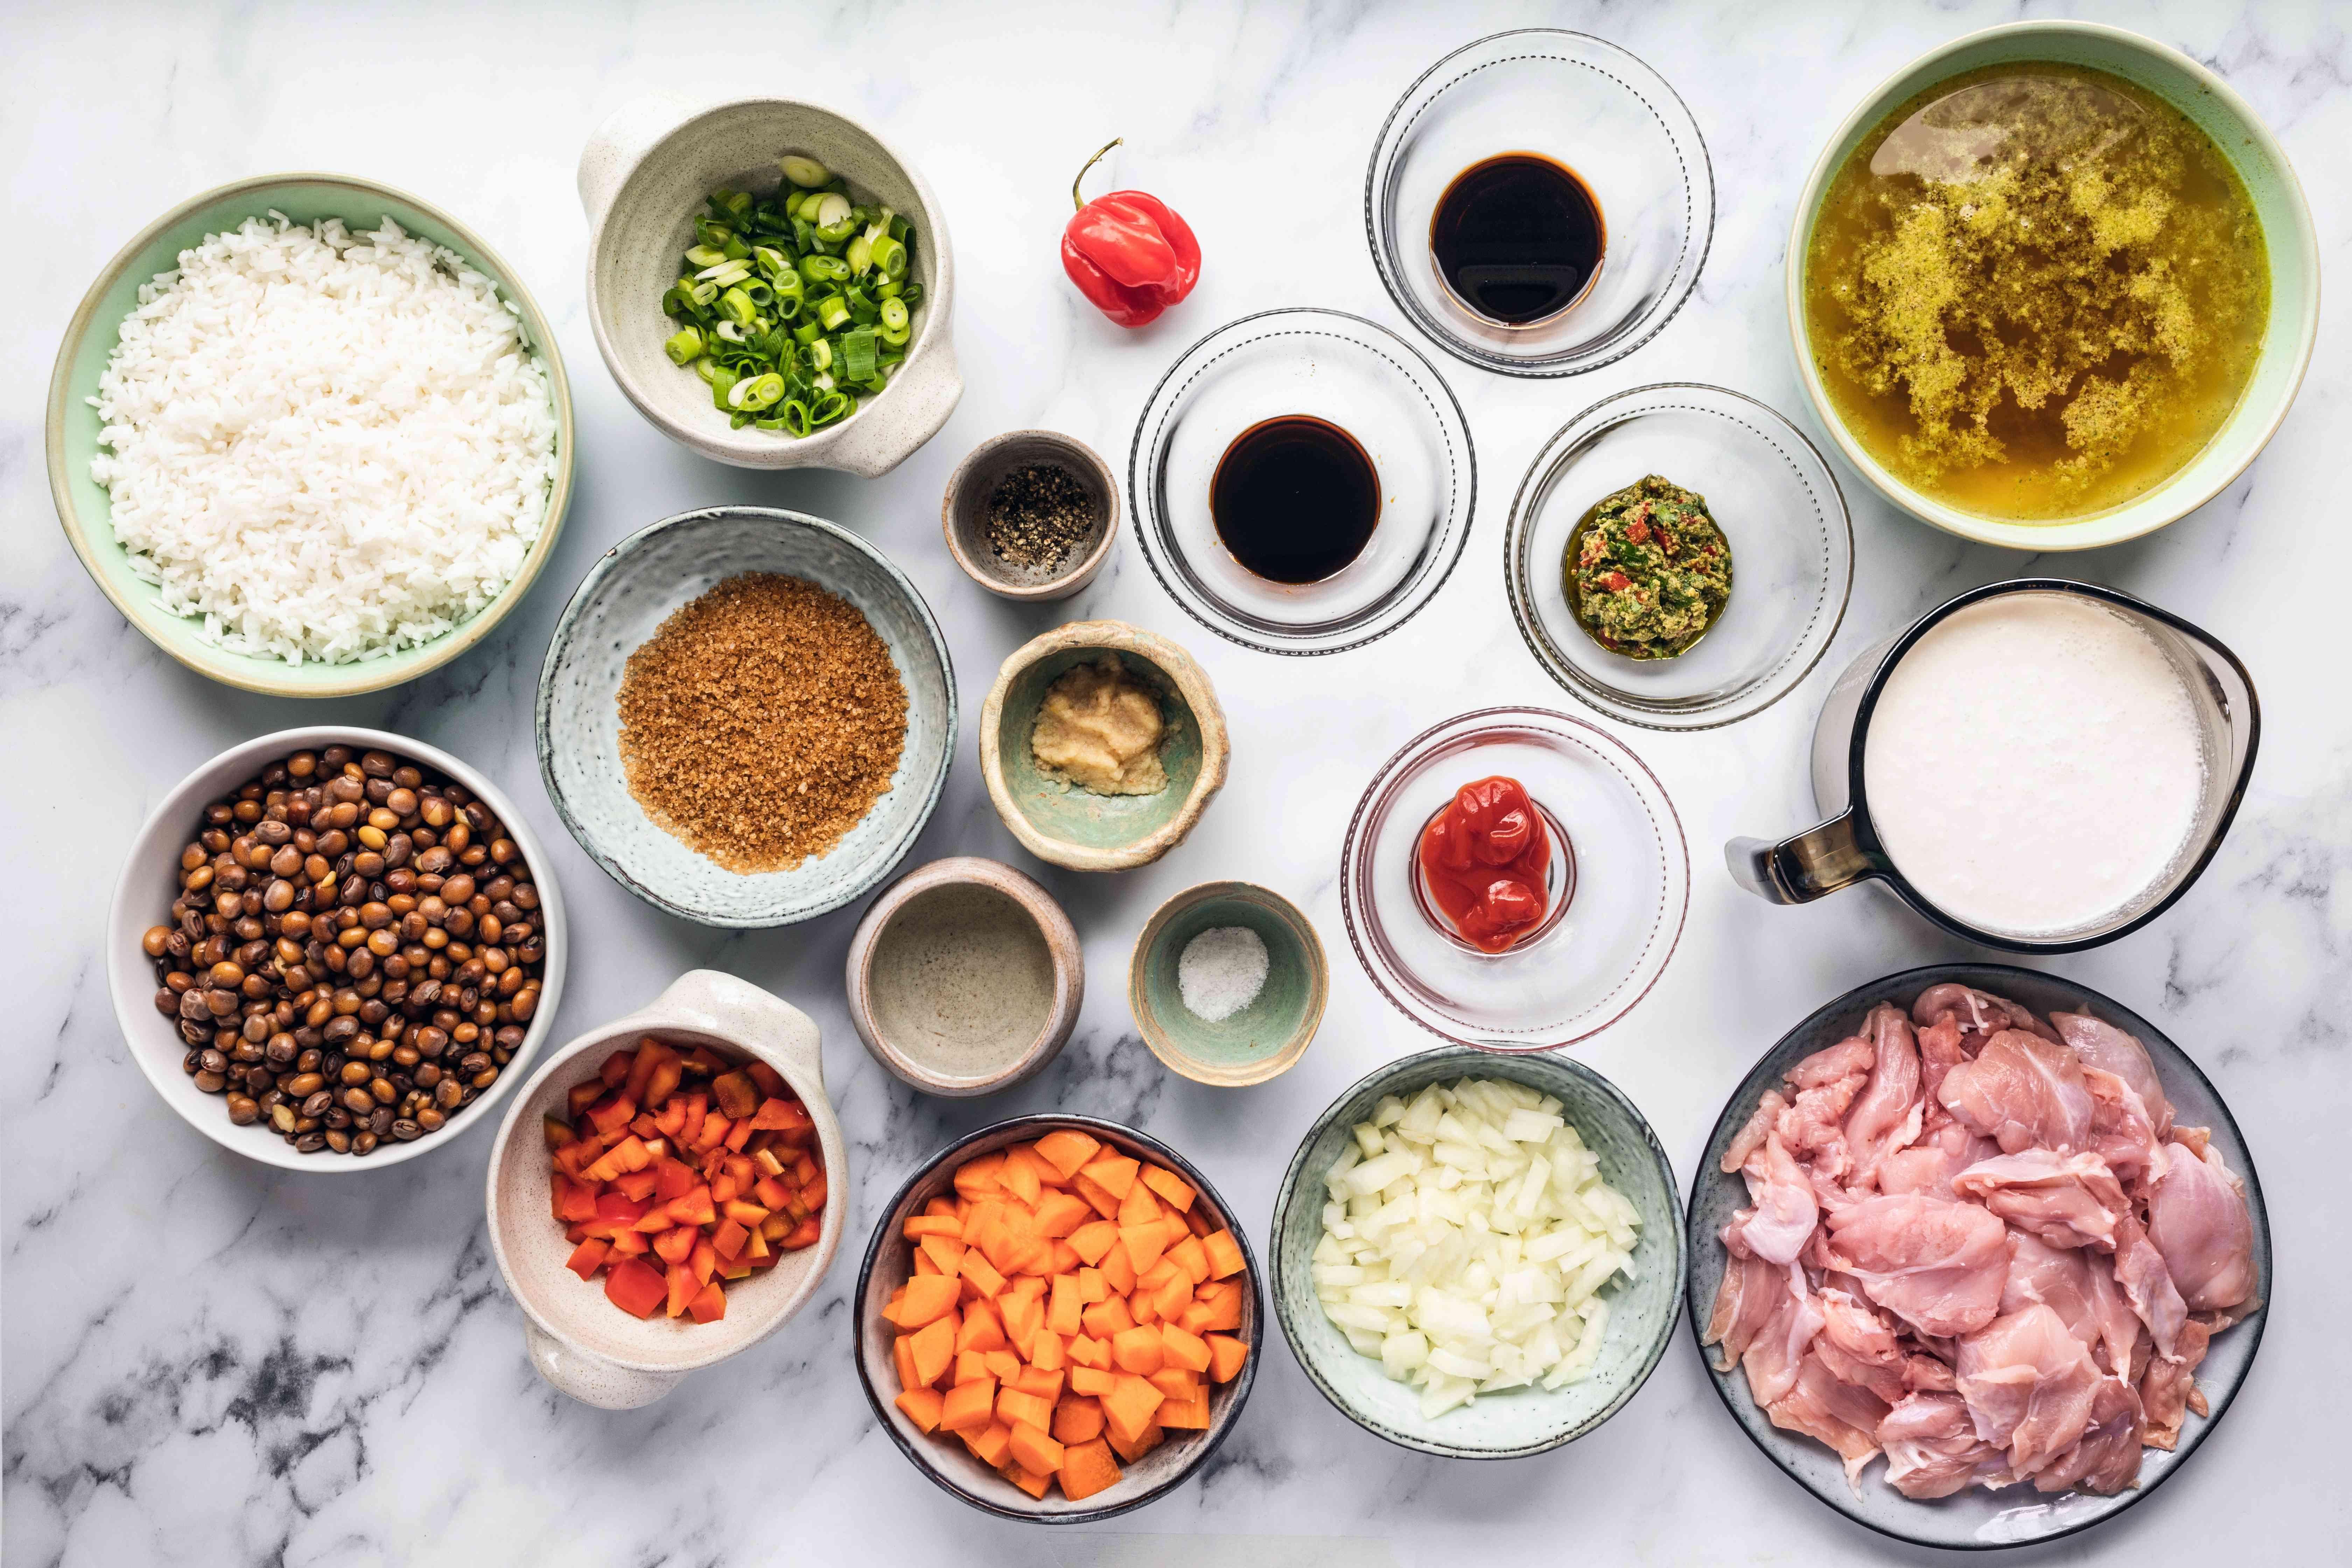 Trini pelau ingredients